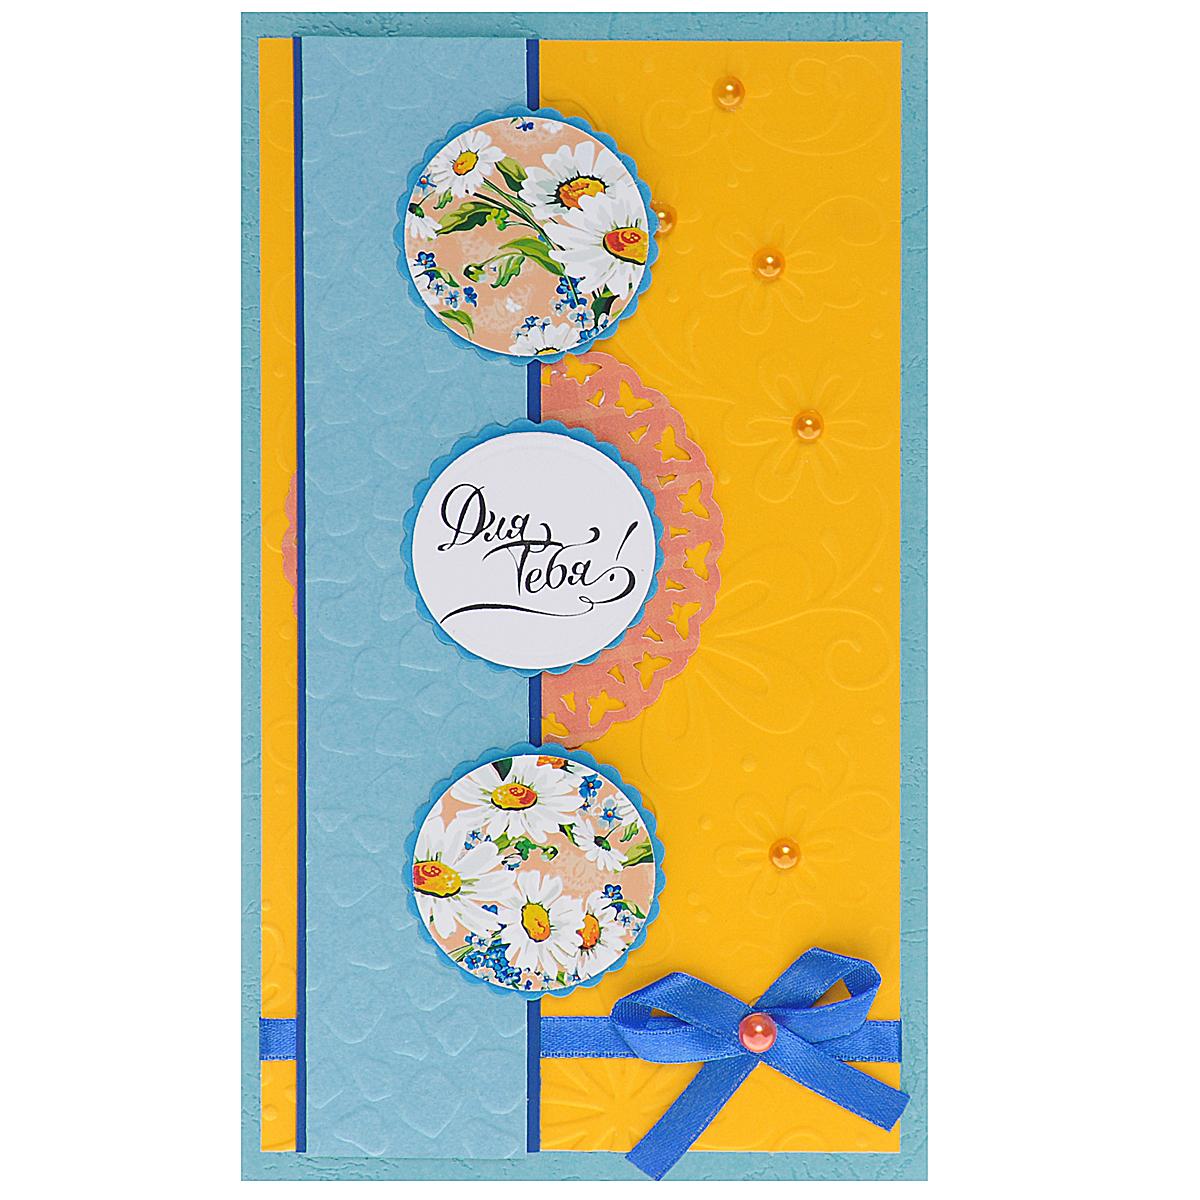 Открытка-конверт Для тебя. Студия Тетя РозаОЖ-0064Открытка выполнена из высокохудожественного картона, украшена объемными аппликациями с изображениями цветов и надписью и пластиковыми бусинами. Может стать как прекрасным дополнением к вашему подарку, так и самостоятельным подарком, так как открытка одновременно является и конвертом, в который вы можете вложить ваш денежный подарок или подарочный сертификат, или же просто написать ваши пожелания на вкладыше. Открытки ручной работы от студии Тетя Роза отличаются своим неповторимым и ярким стилем. Каждая уникальна и выполнена вручную мастерами студии. Открытка упакована в пакетик для сохранности. Обращаем ваше внимание на то, что открытка может незначительно отличаться от представленной на фото.